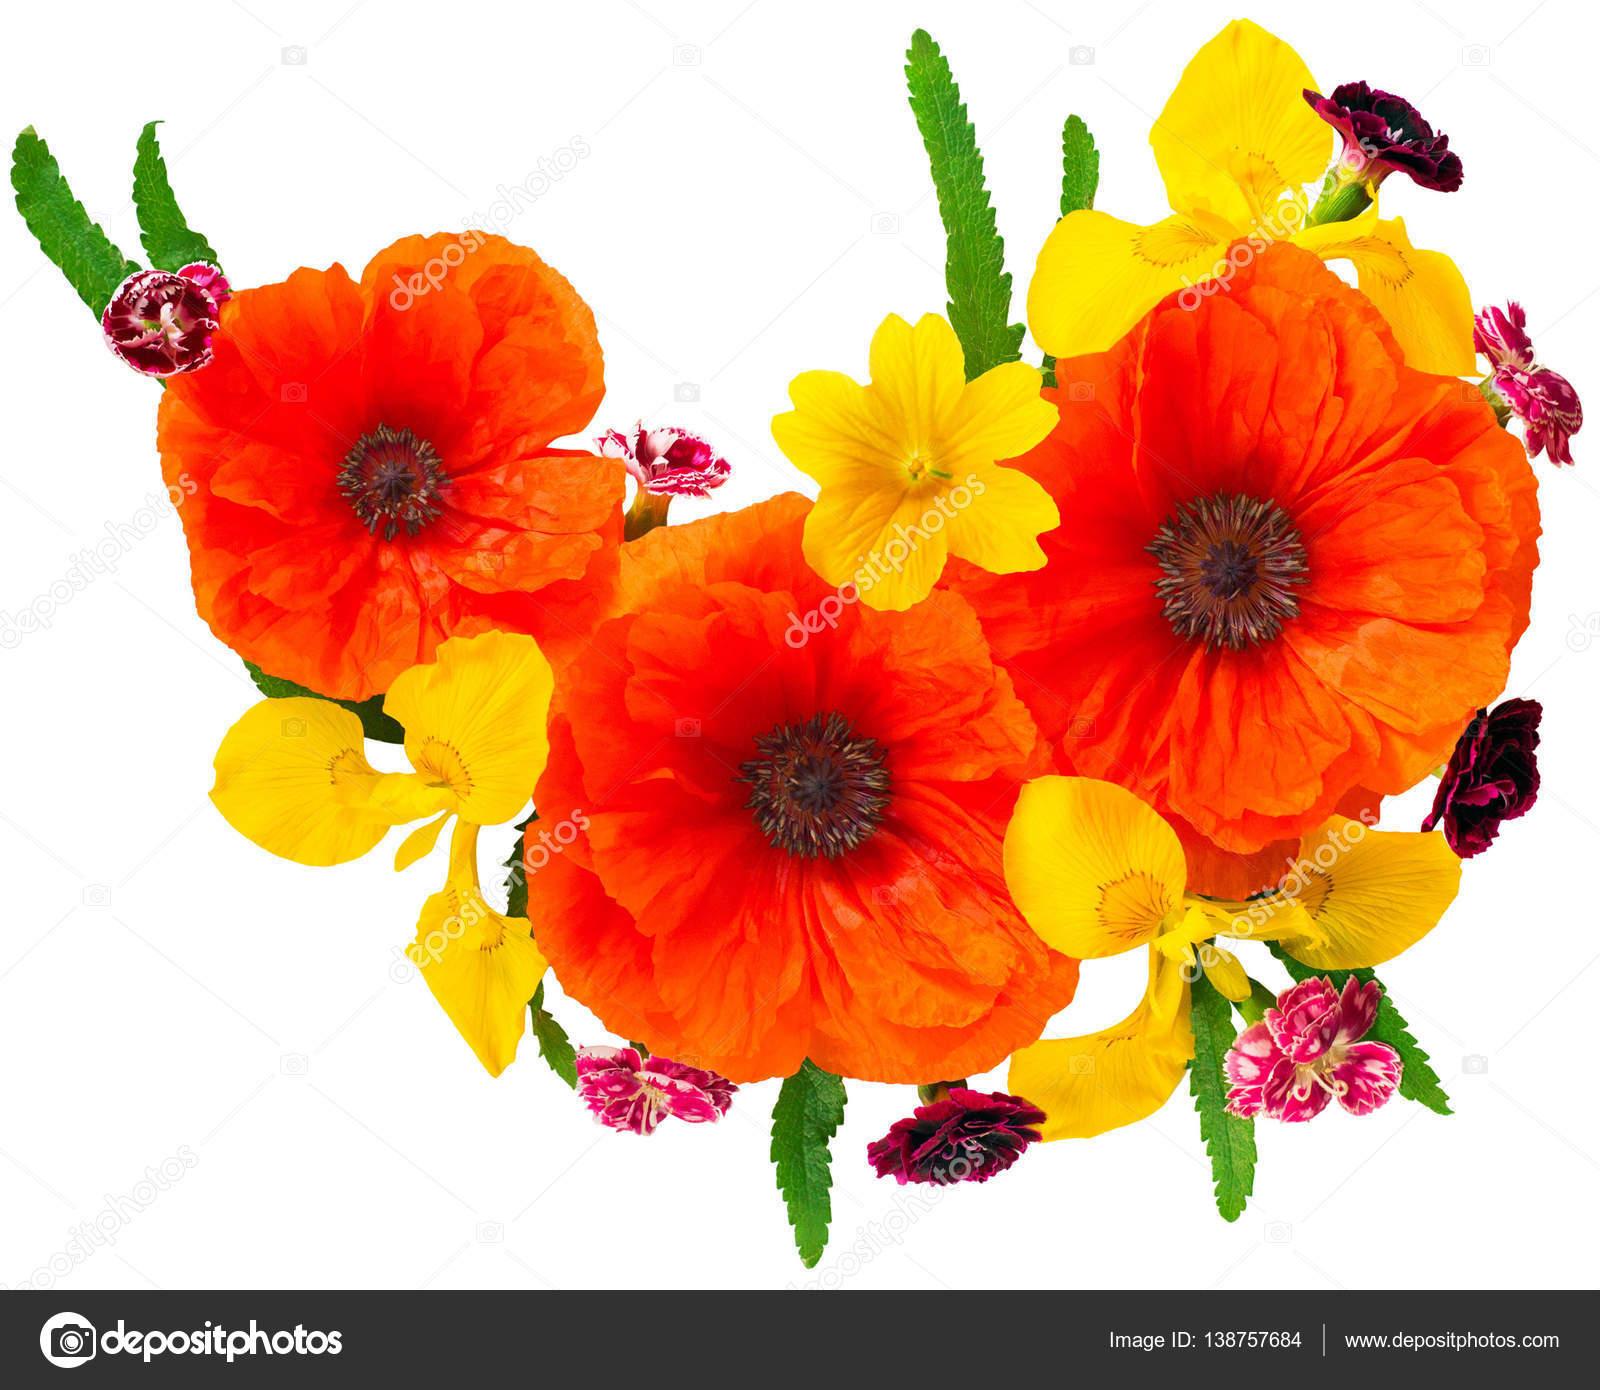 Flowers Red Poppies And Yellow Iris Stock Photo Flowerstudio